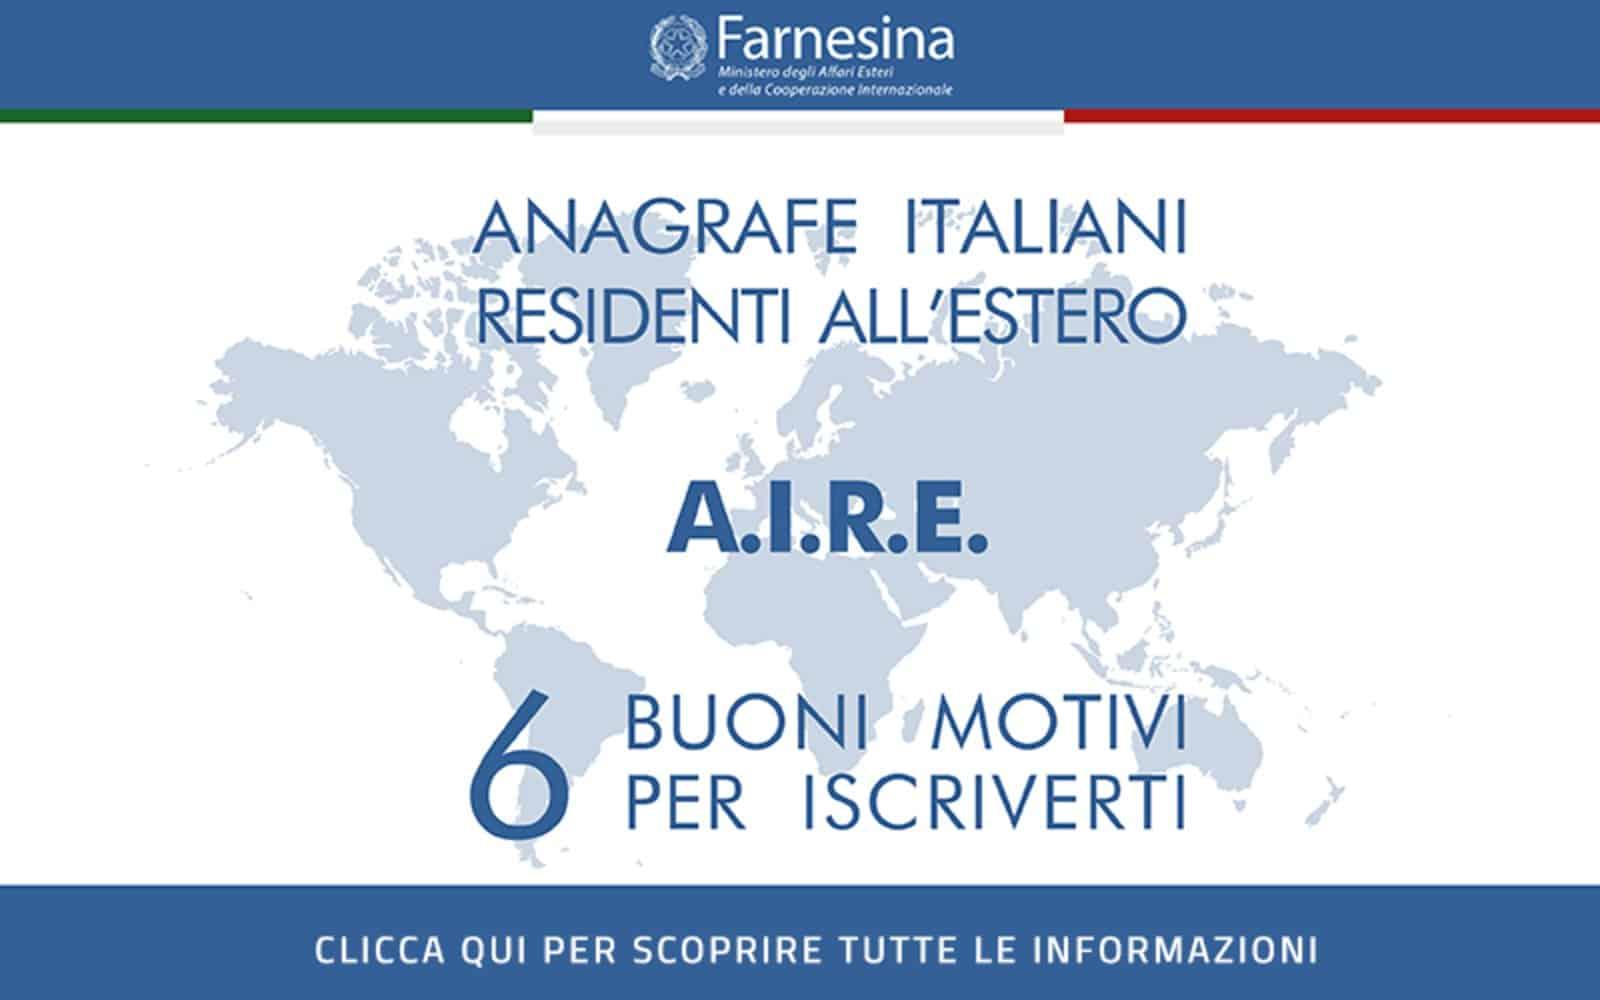 Aire significato italiani nel mondo estero